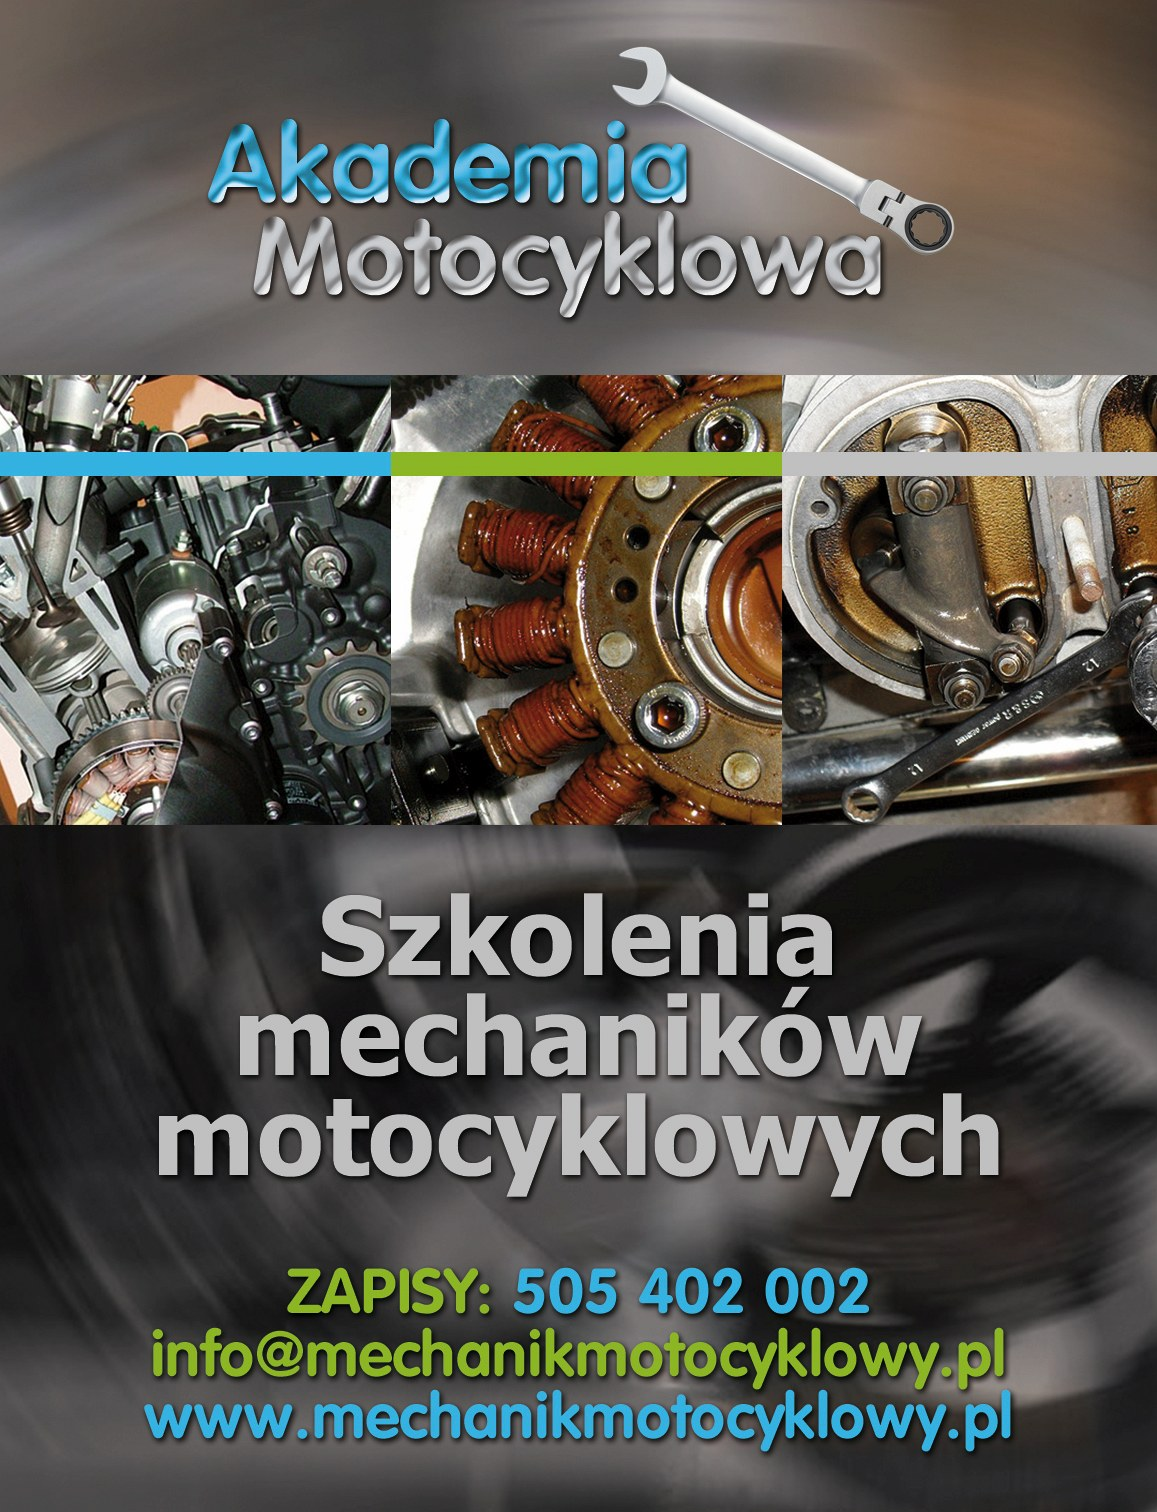 akademia motocyklowa plakat